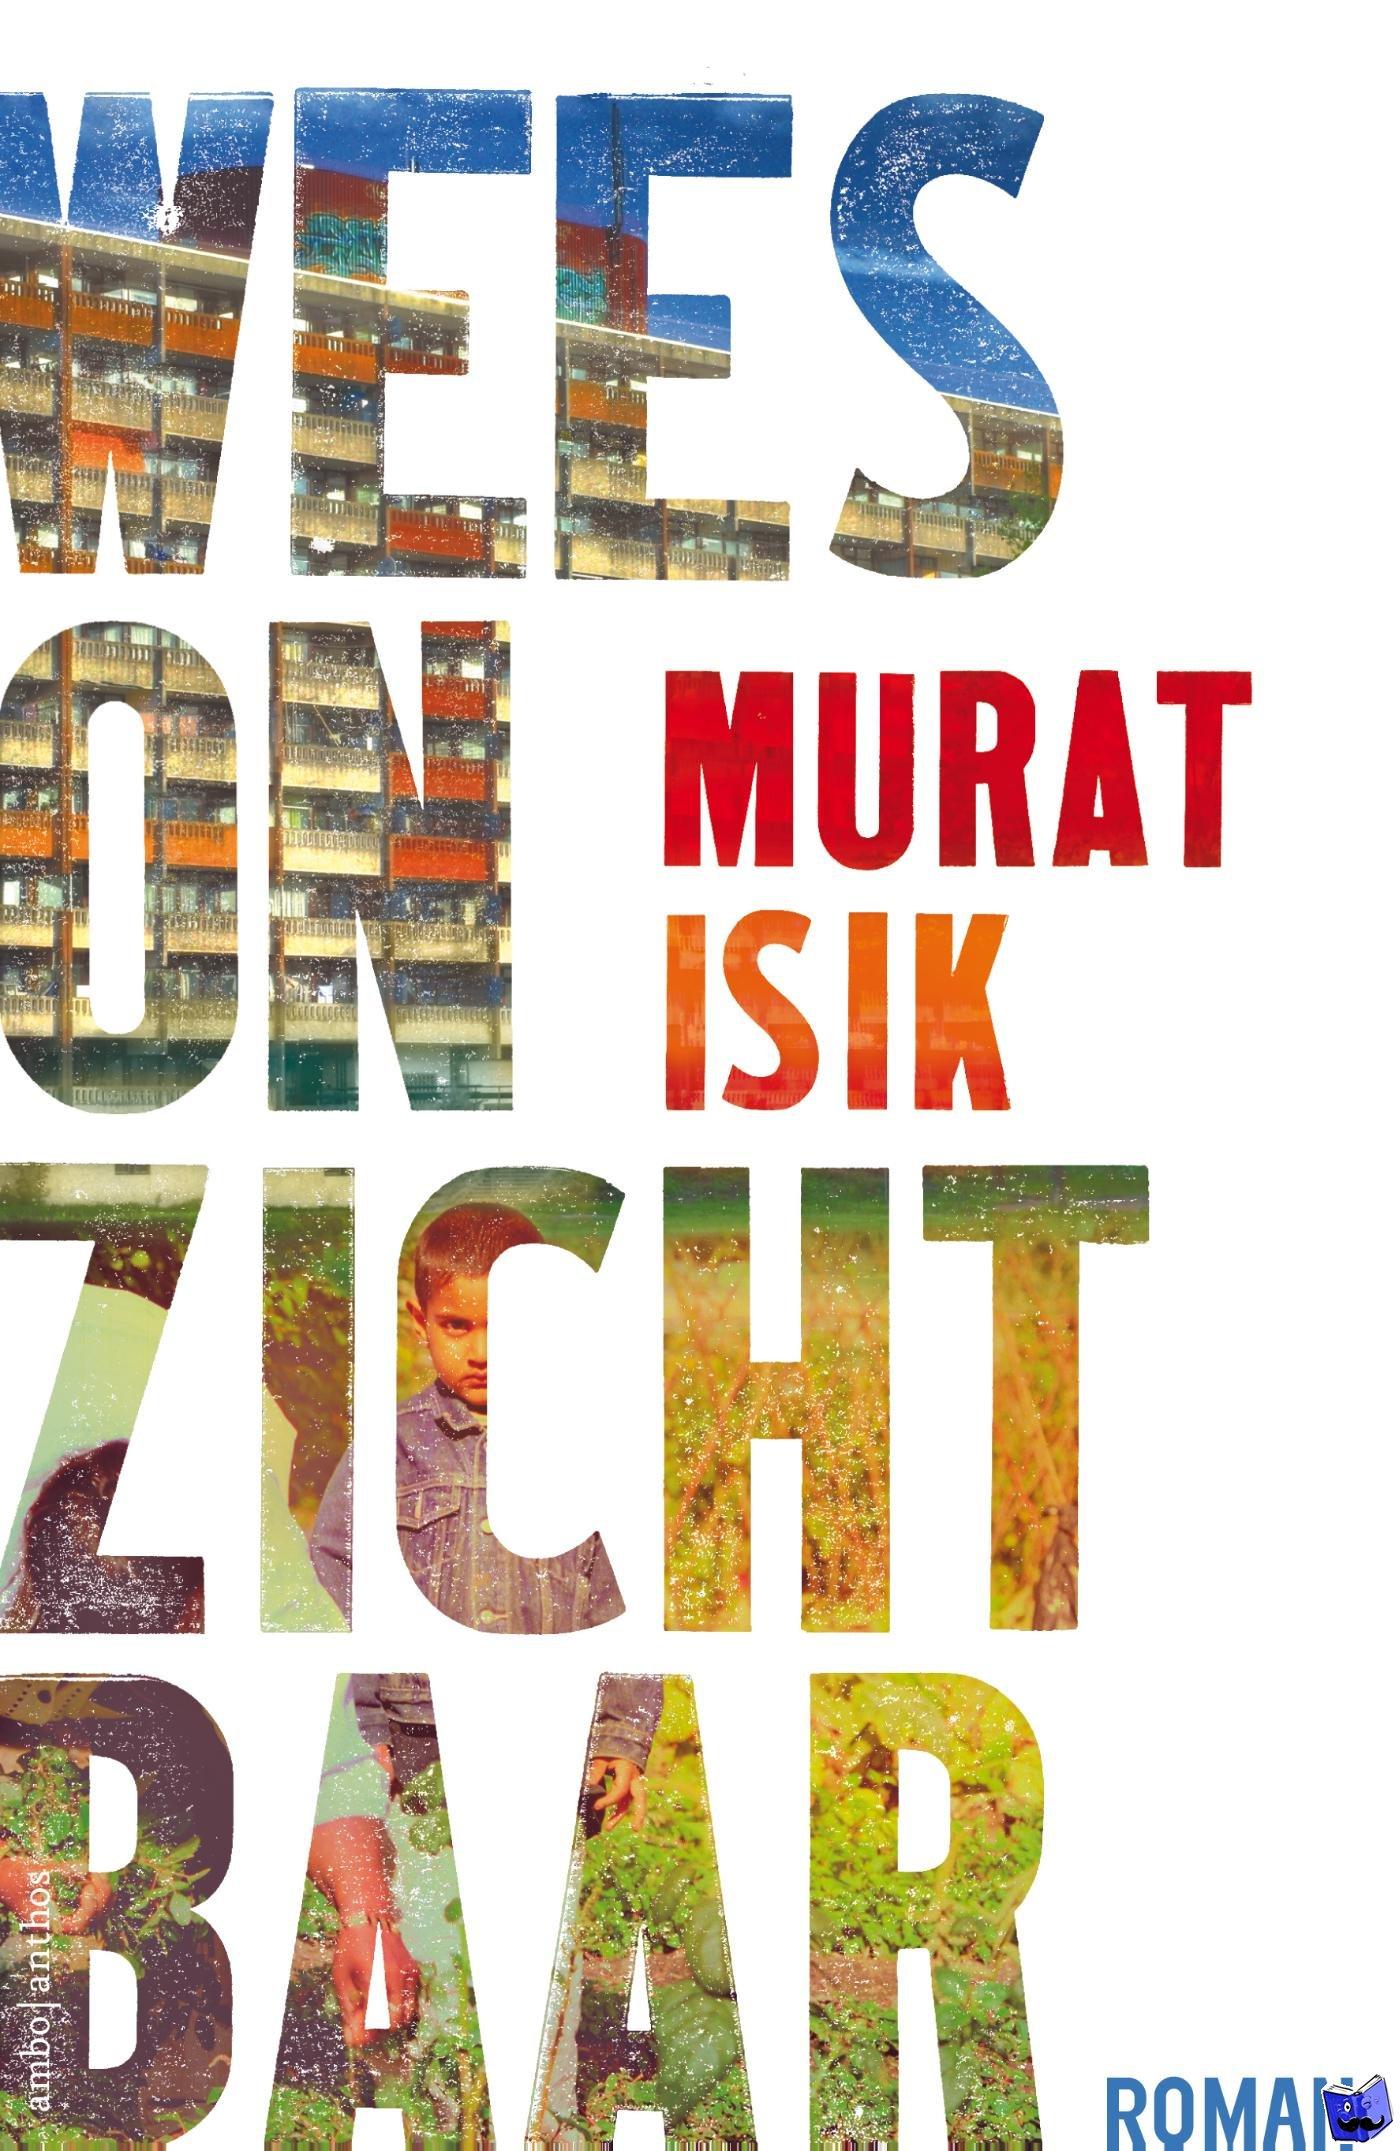 Isik, Murat - Wees onzichtbaar